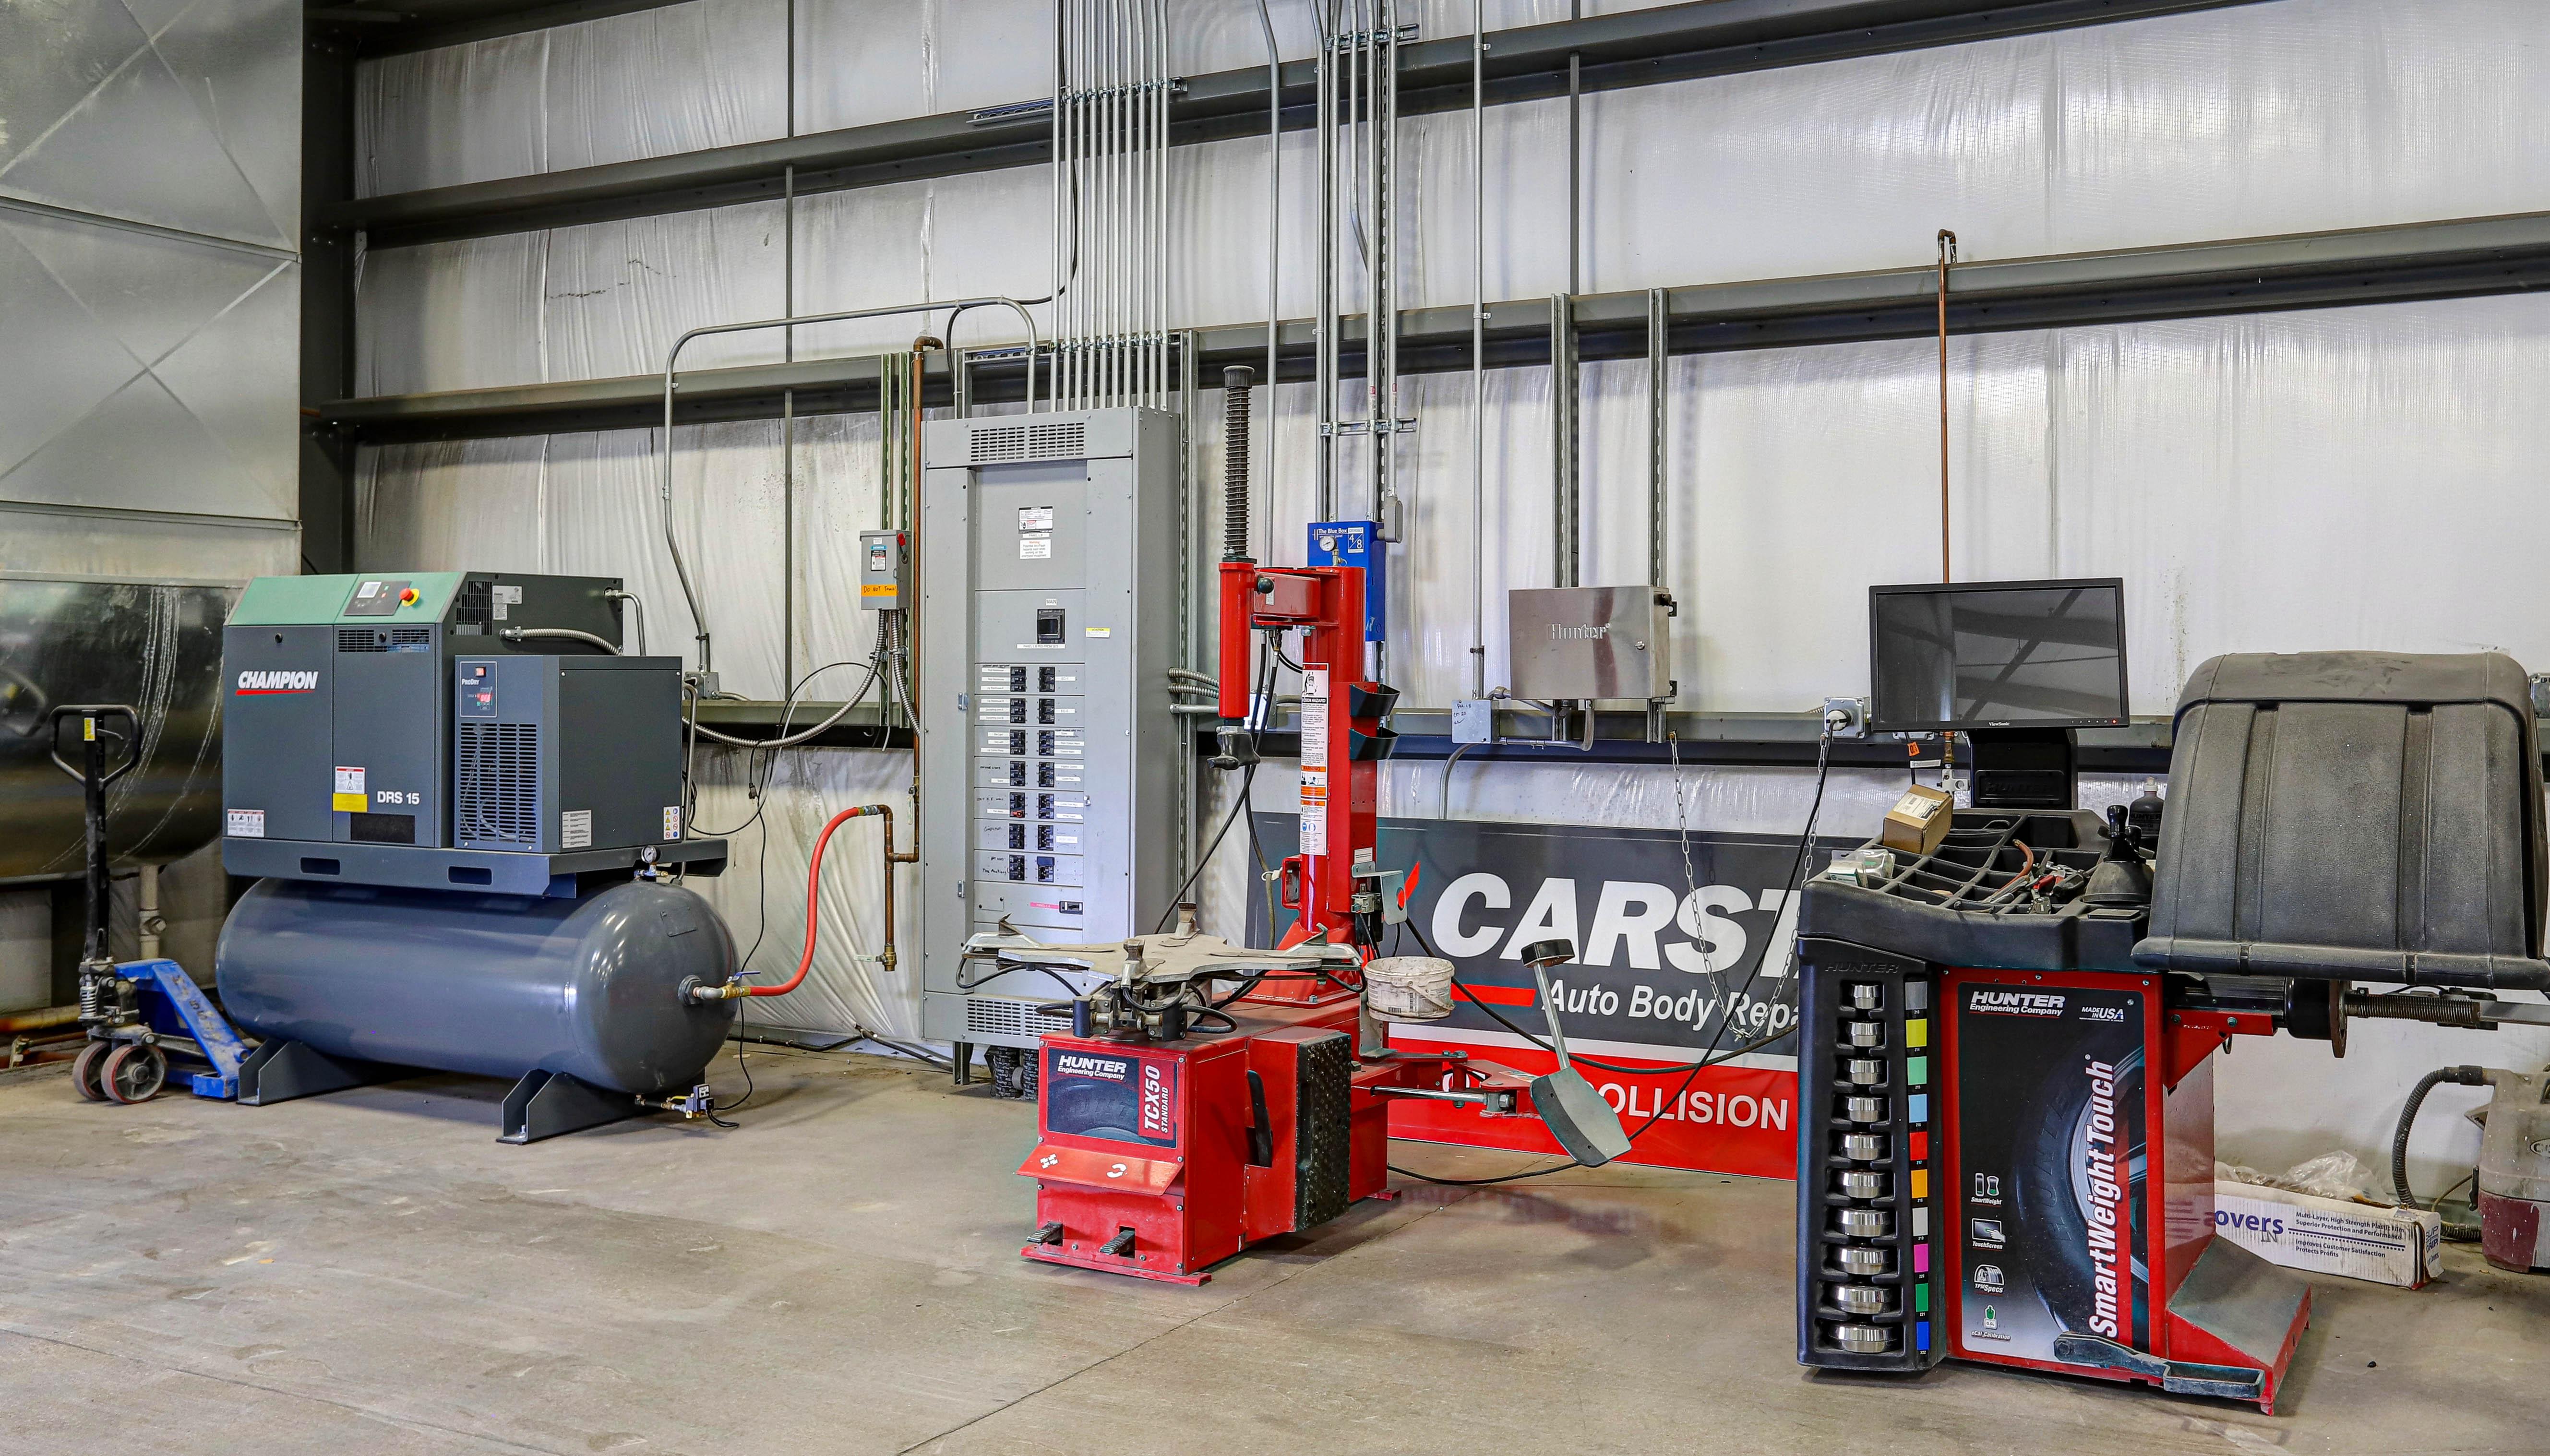 Carstar | Carstar Collision Center